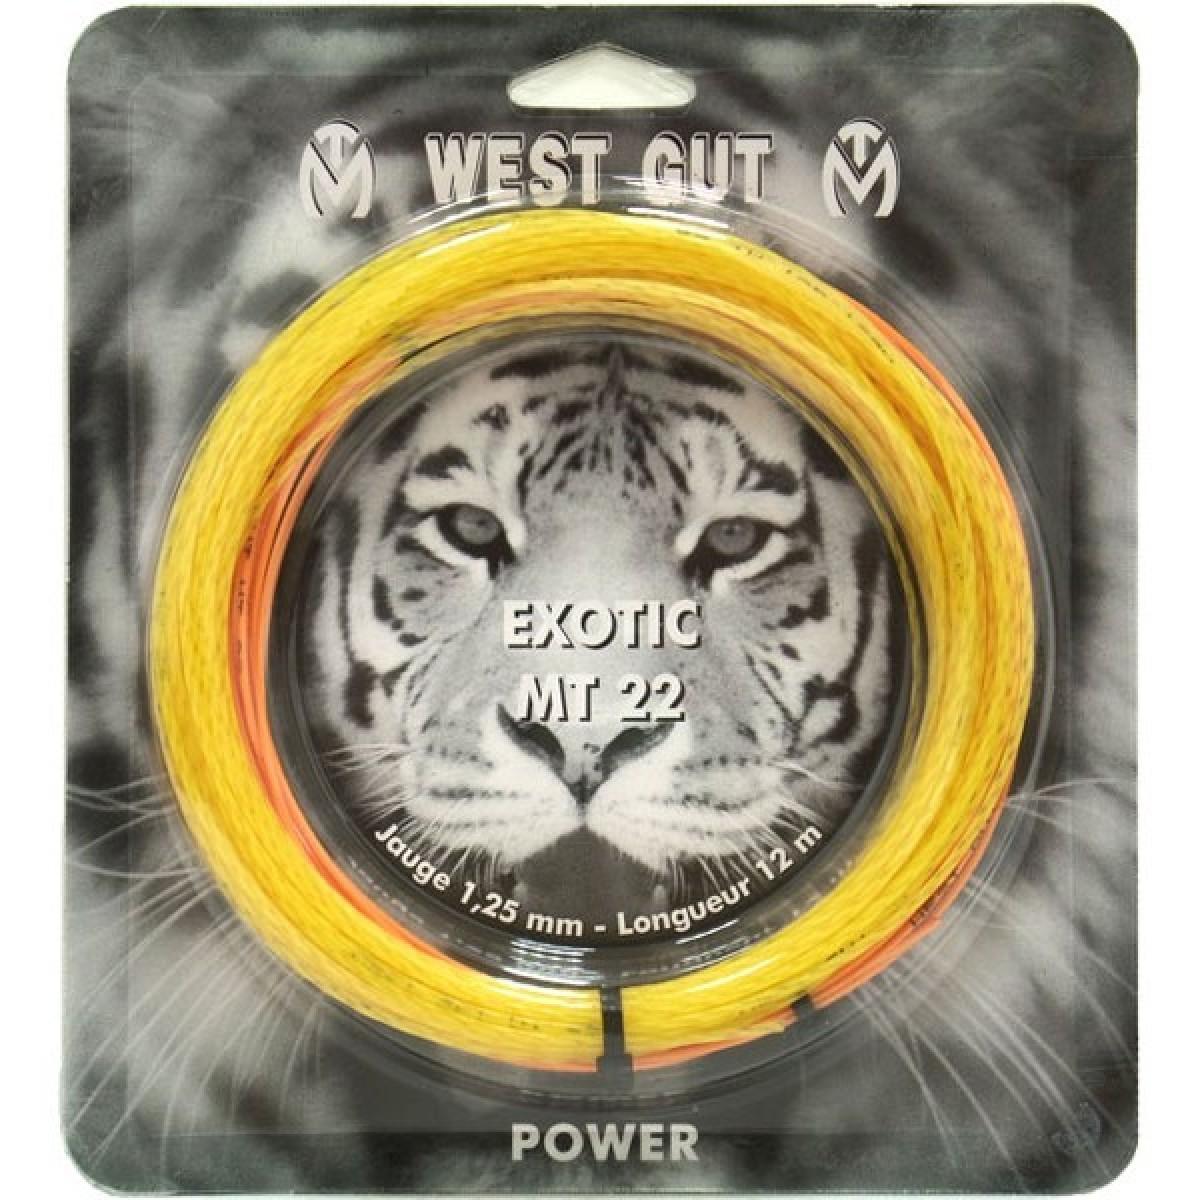 CORDAGE DE TENNIS WEST GUT MT22 GOLD (GARNITURE - 12M)